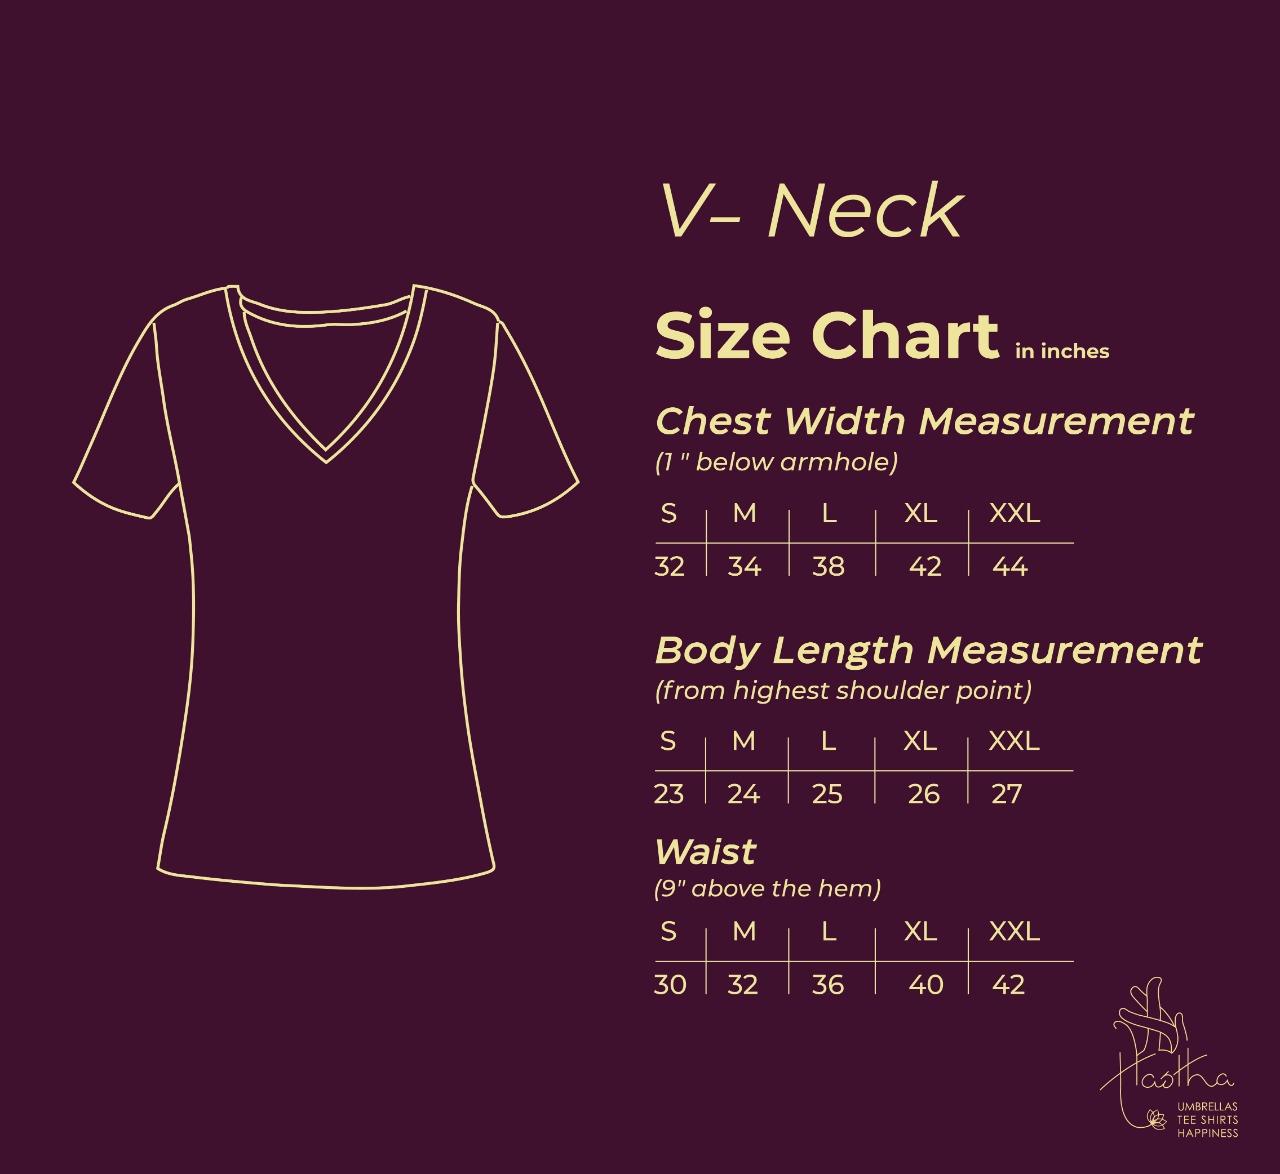 Women's T-shirt / Tops size chart